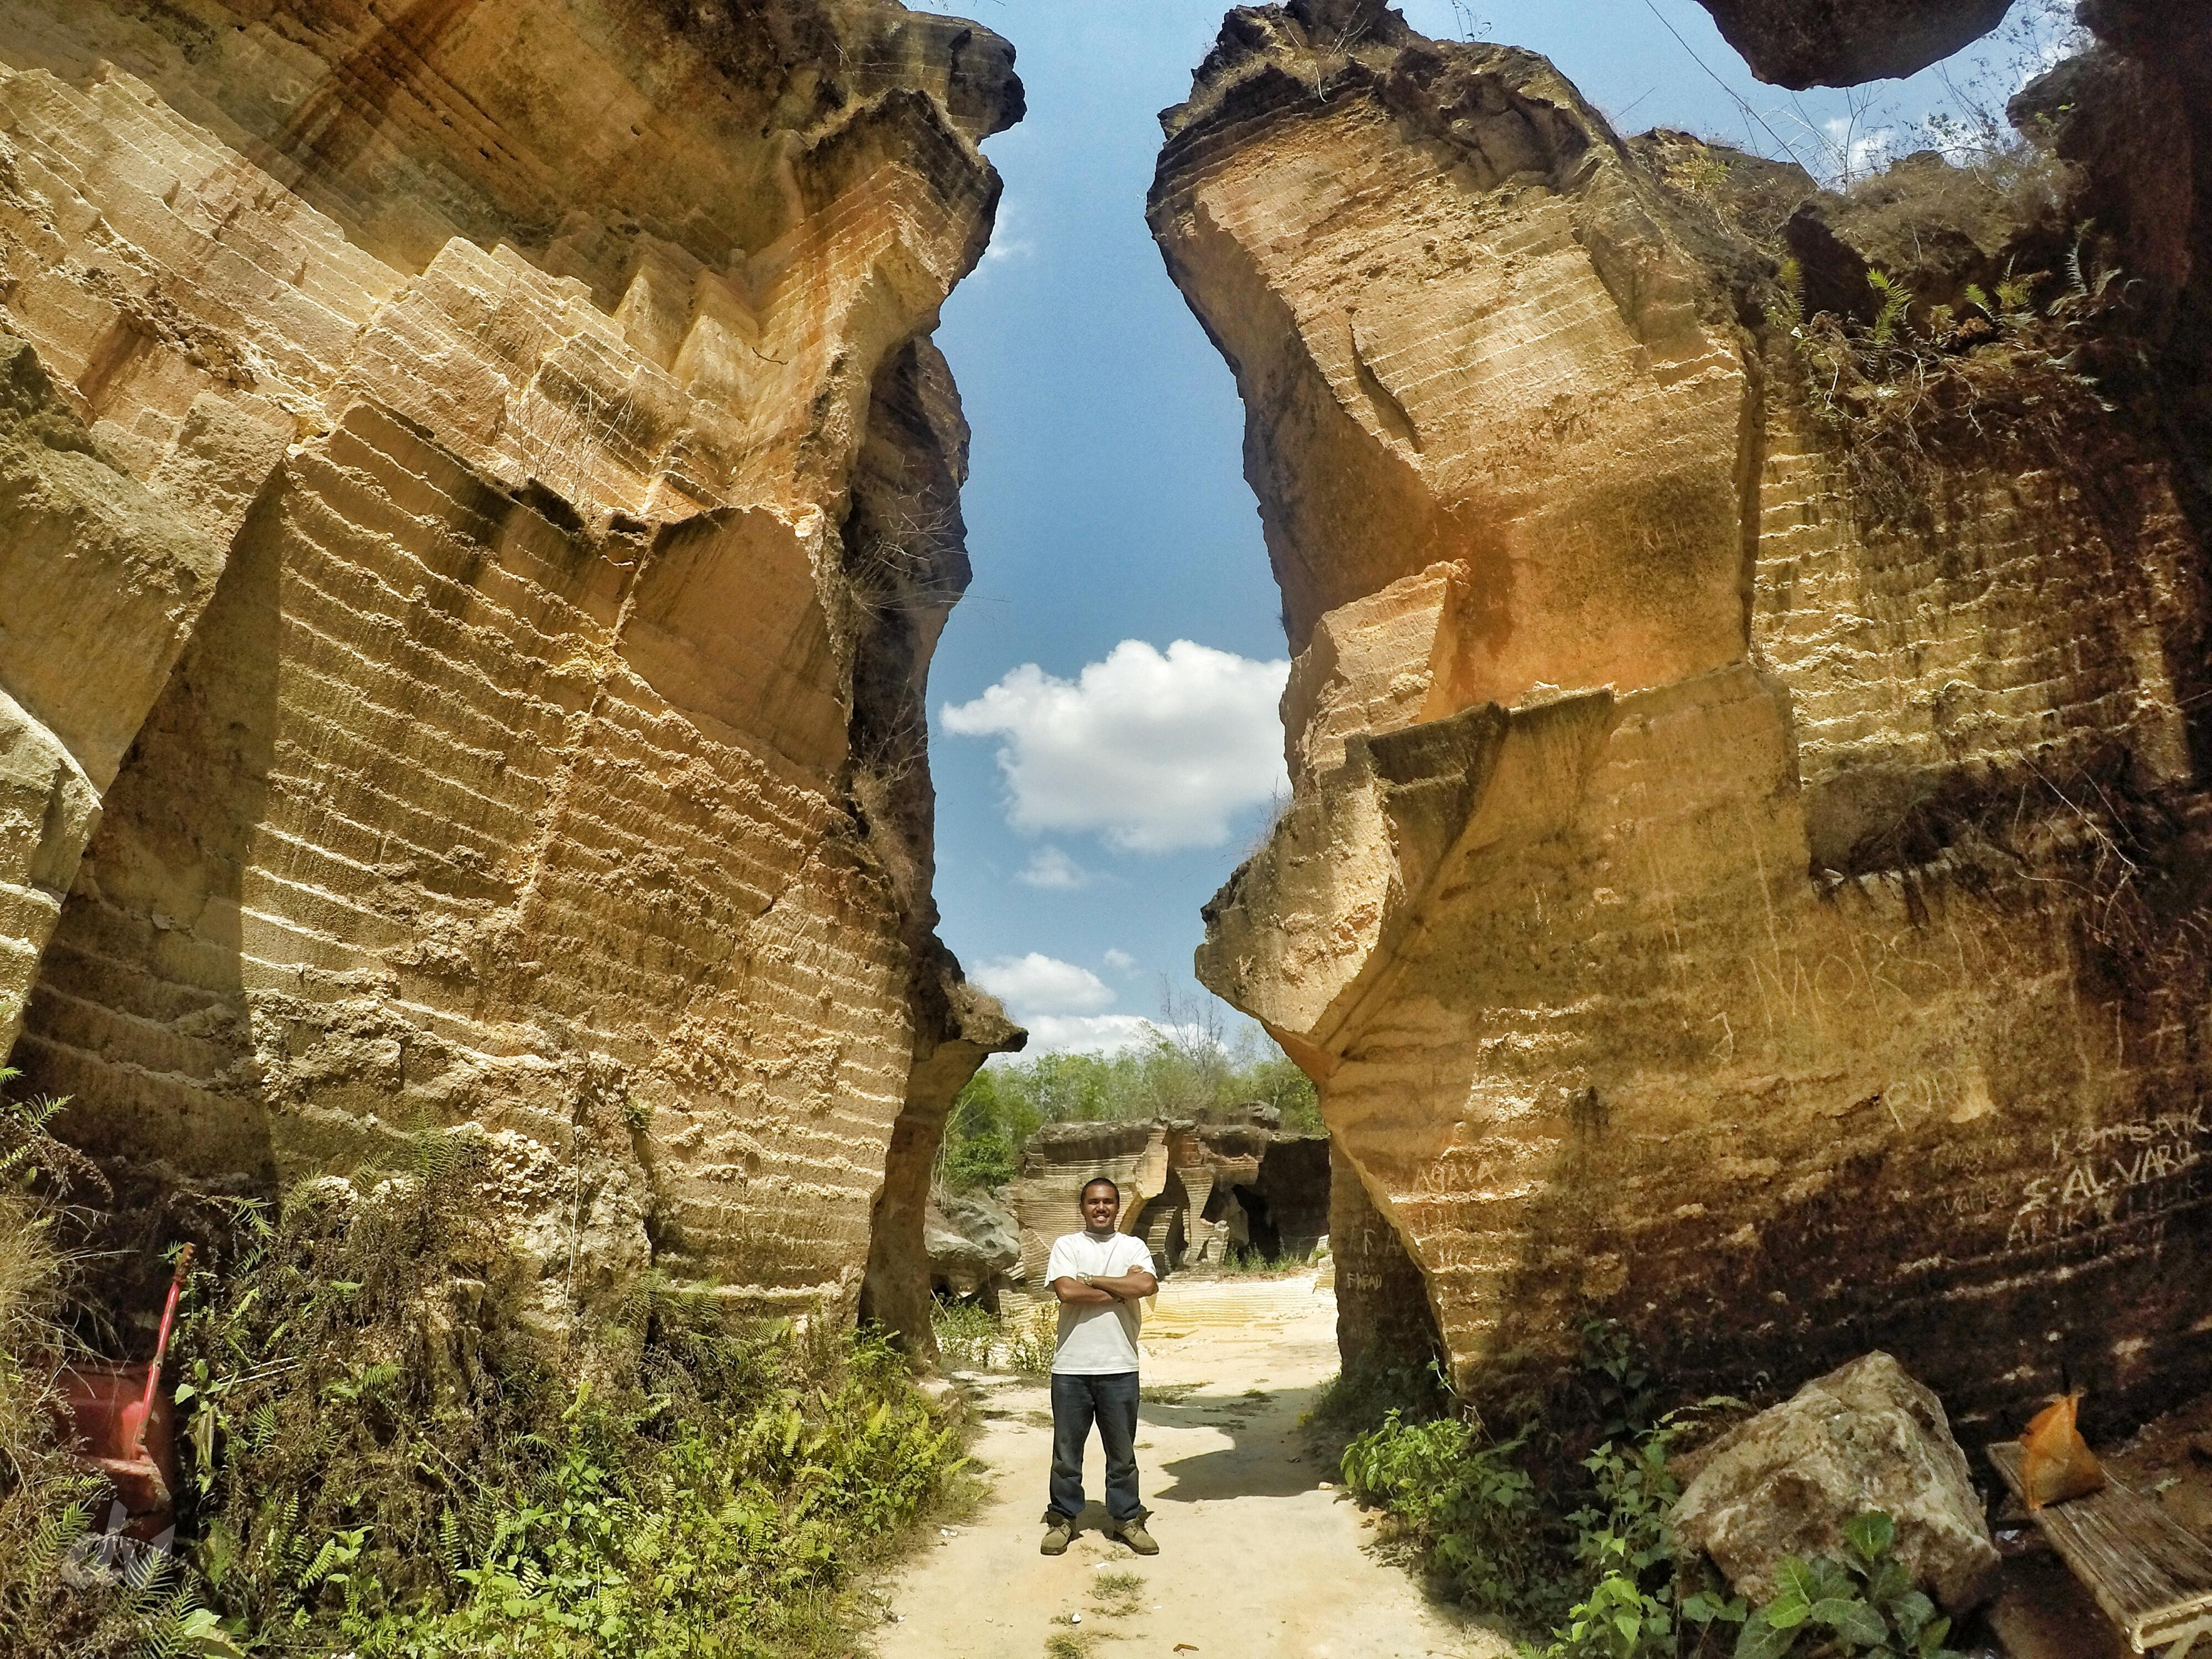 Wisata Bukit Kapur Tanah Madura Daily Voyagers Antara Jaddih Kab